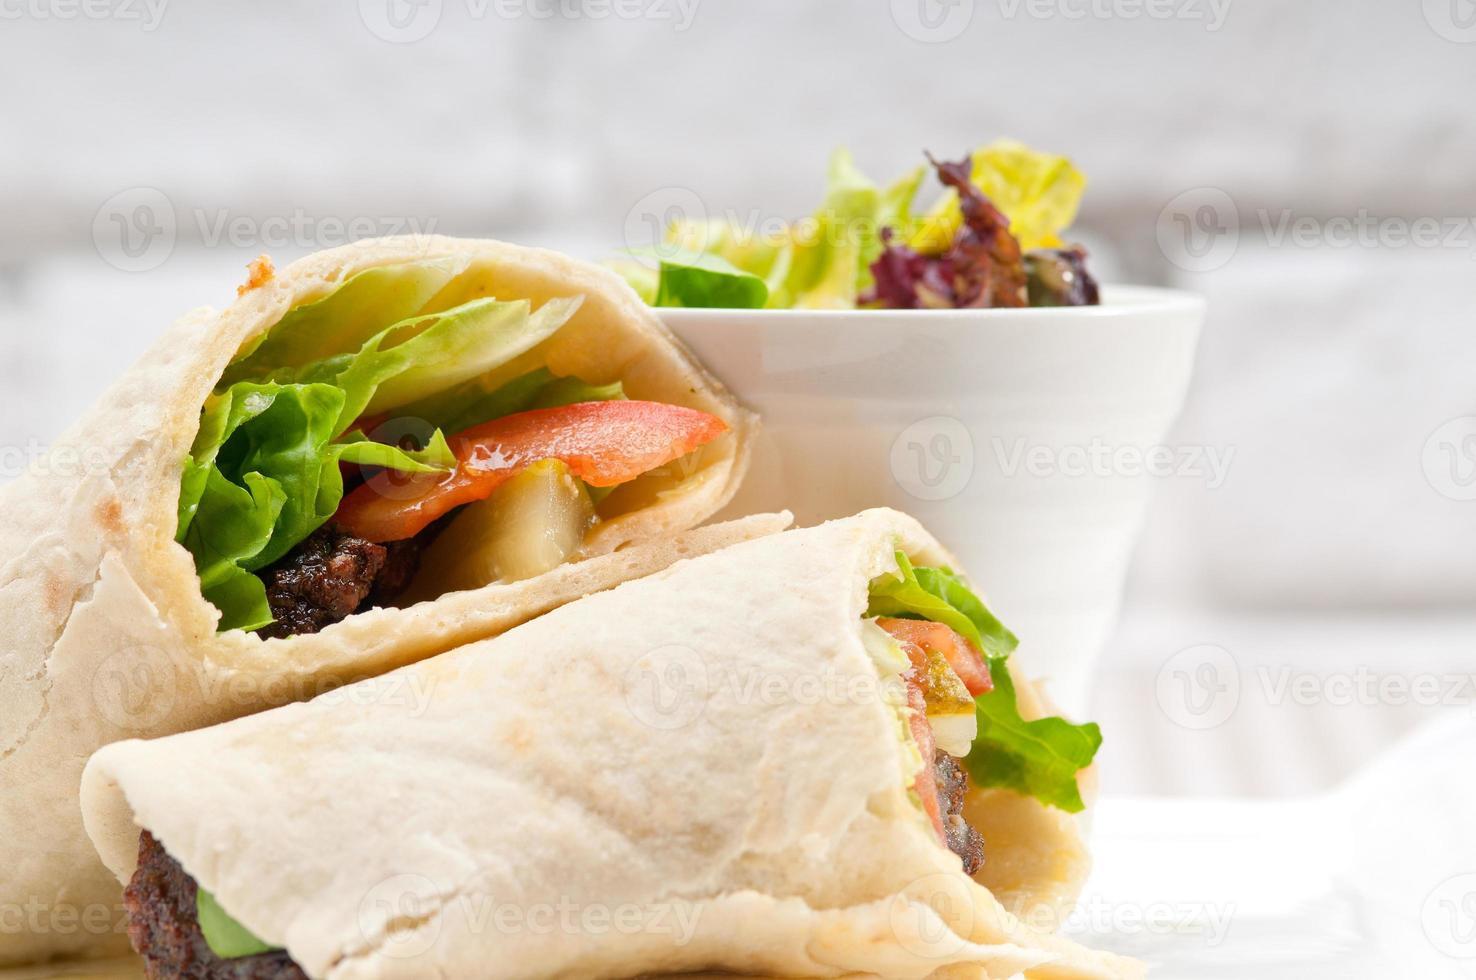 kafta shawarma chicken pita wrap roll sandwich photo